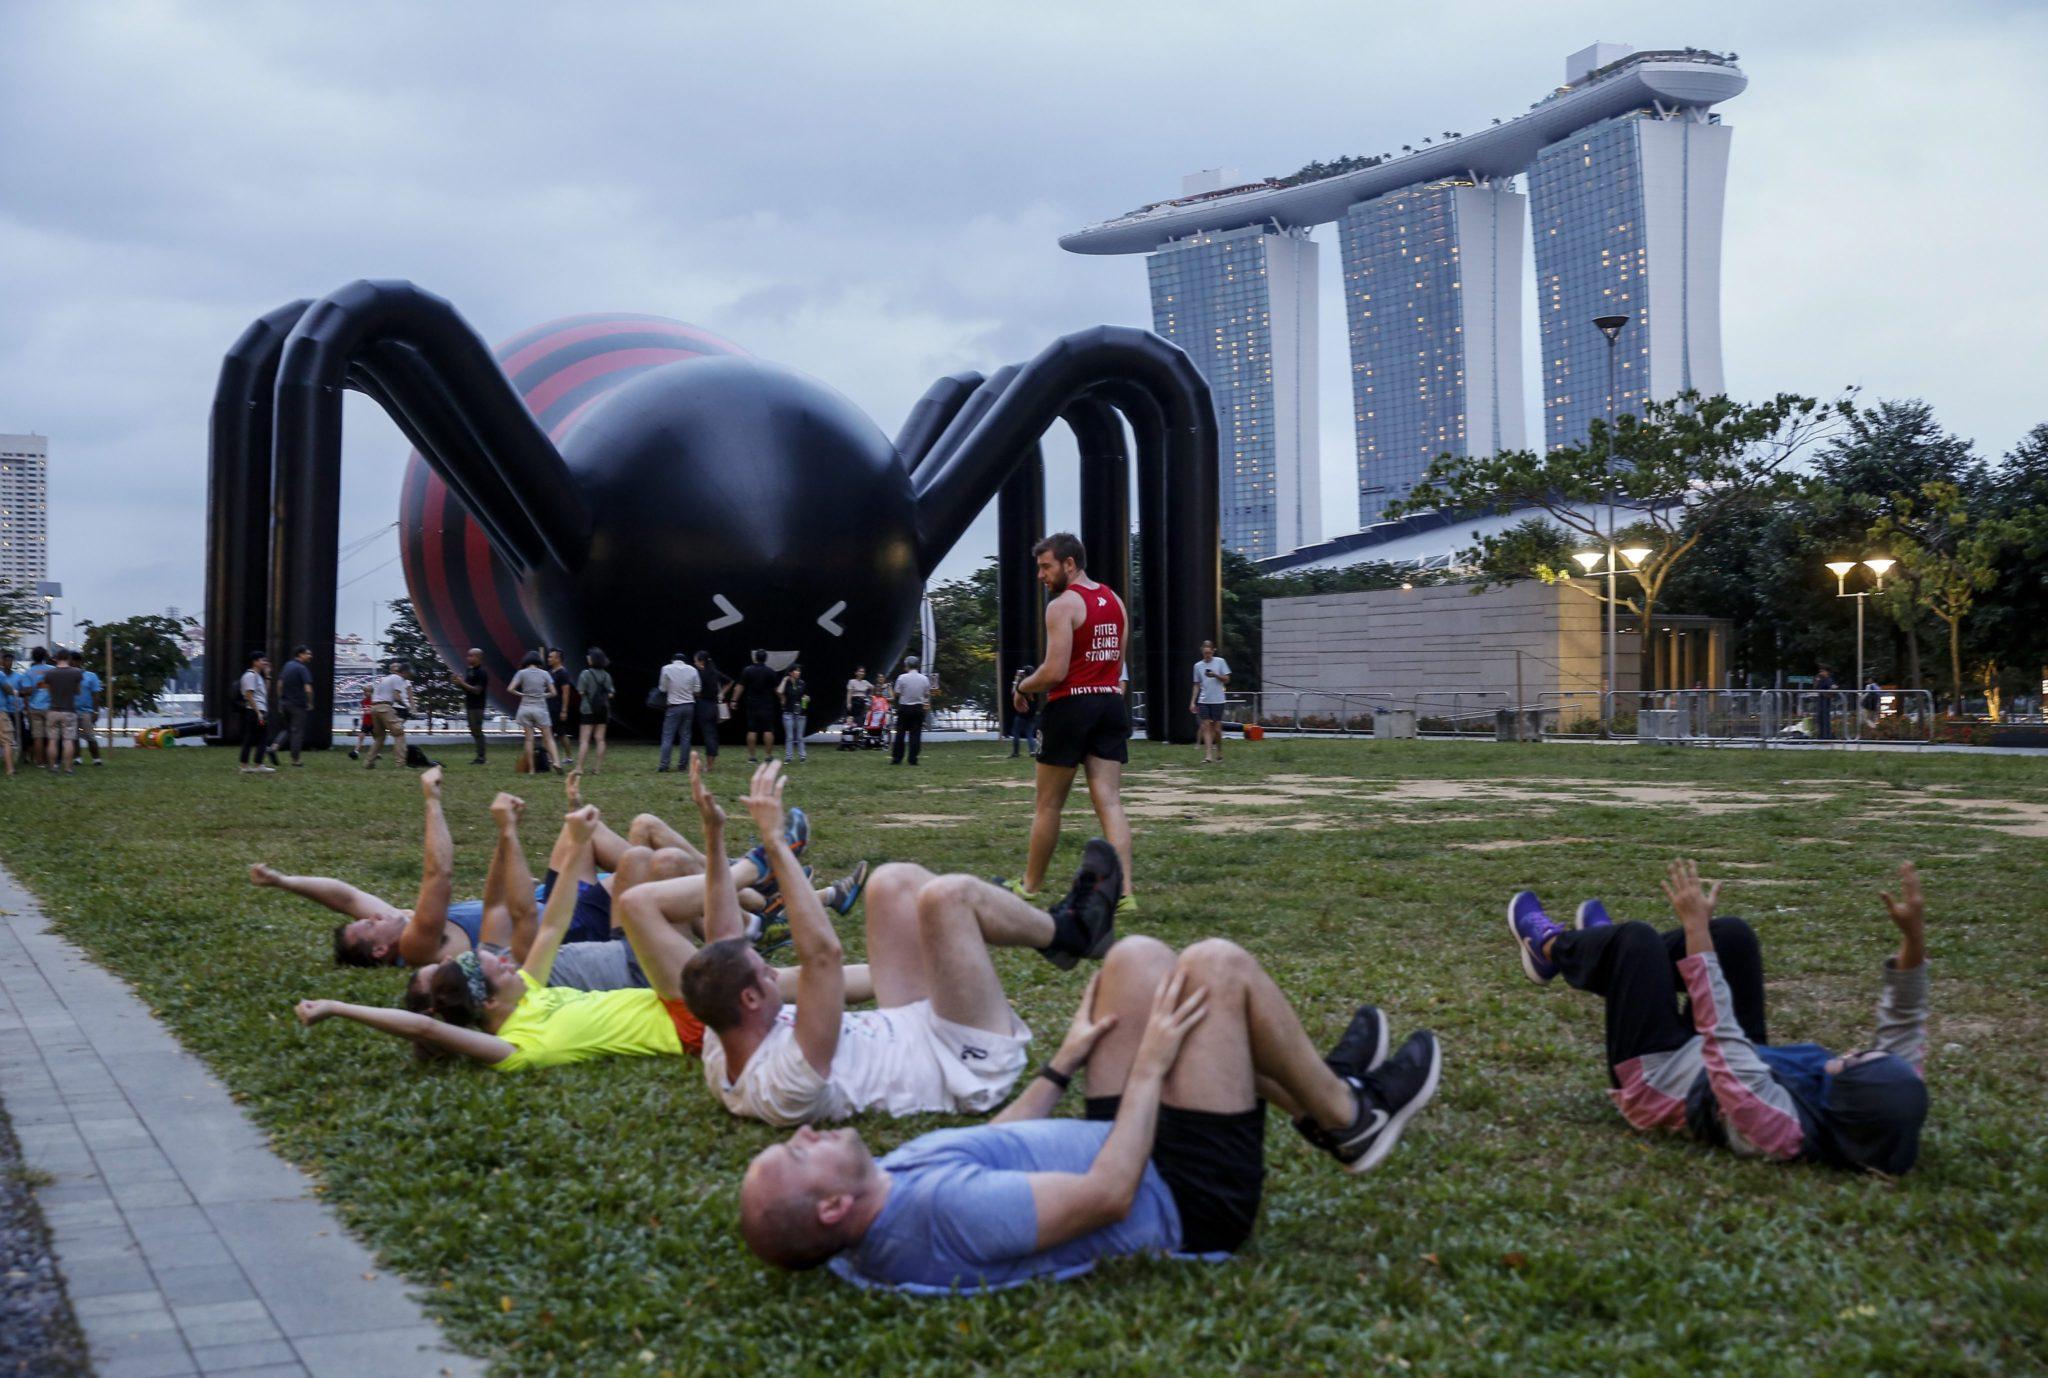 Singapur: iLight Festival w Singapurze (foto. PAP/EPA/WALLACE WOON)